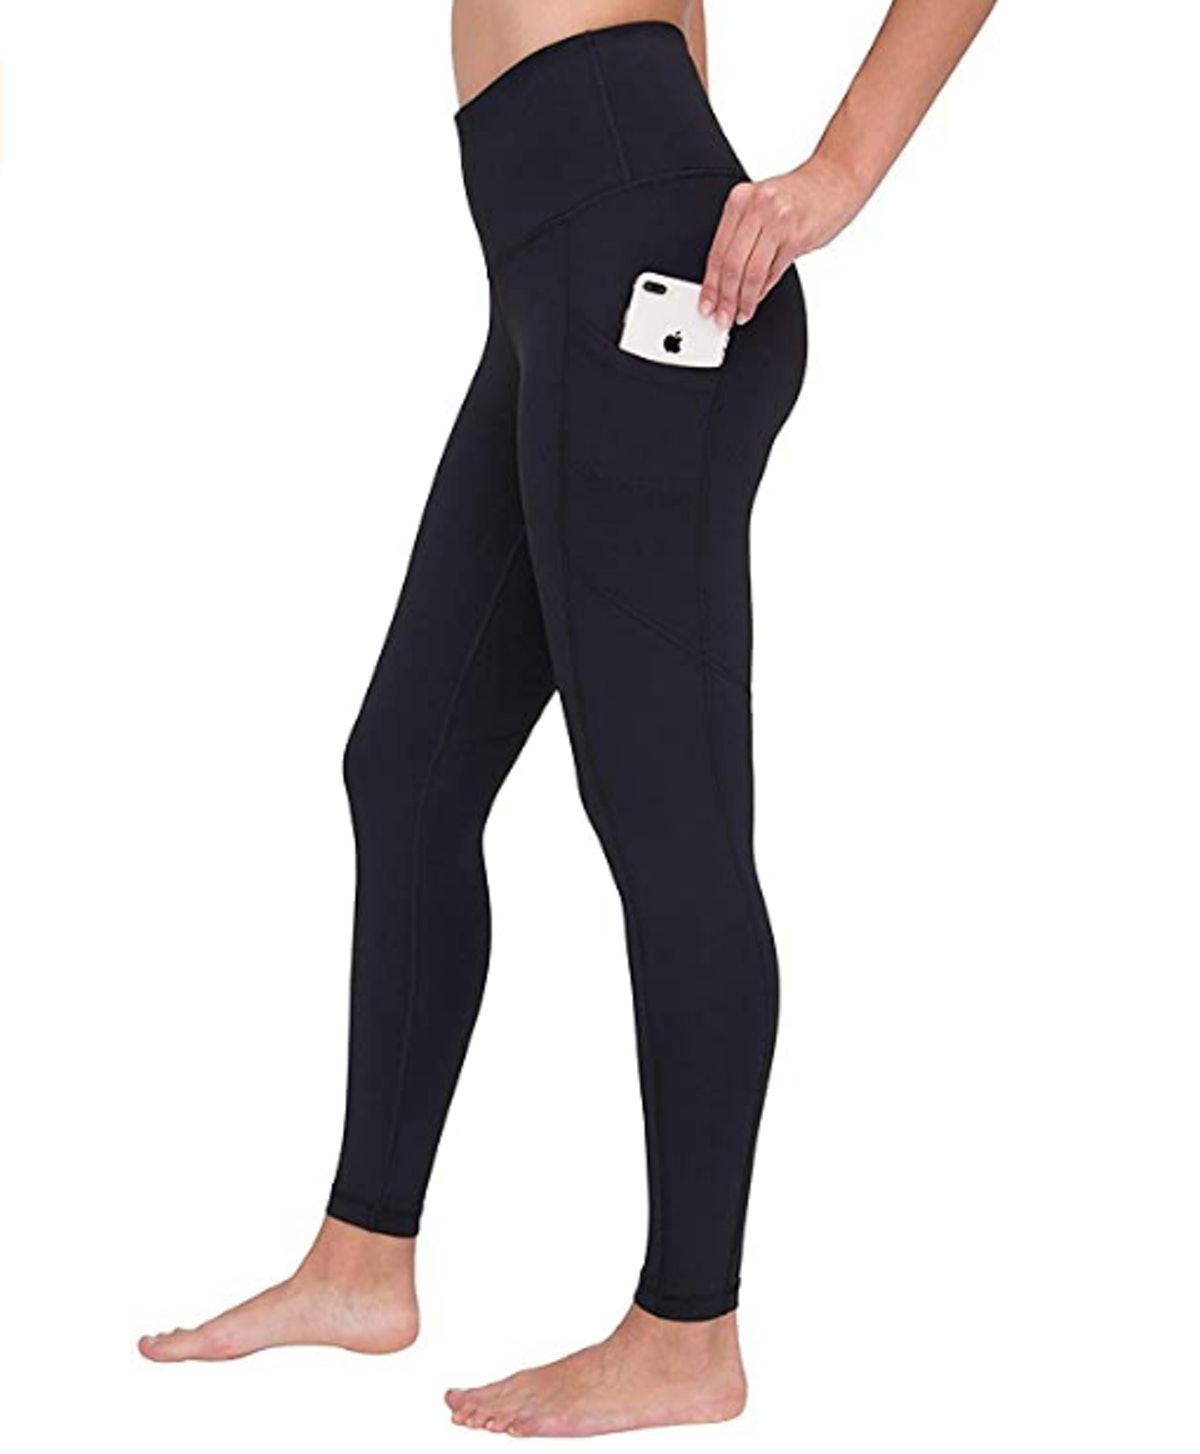 90 Degree By Reflex Womens Yoga Pants